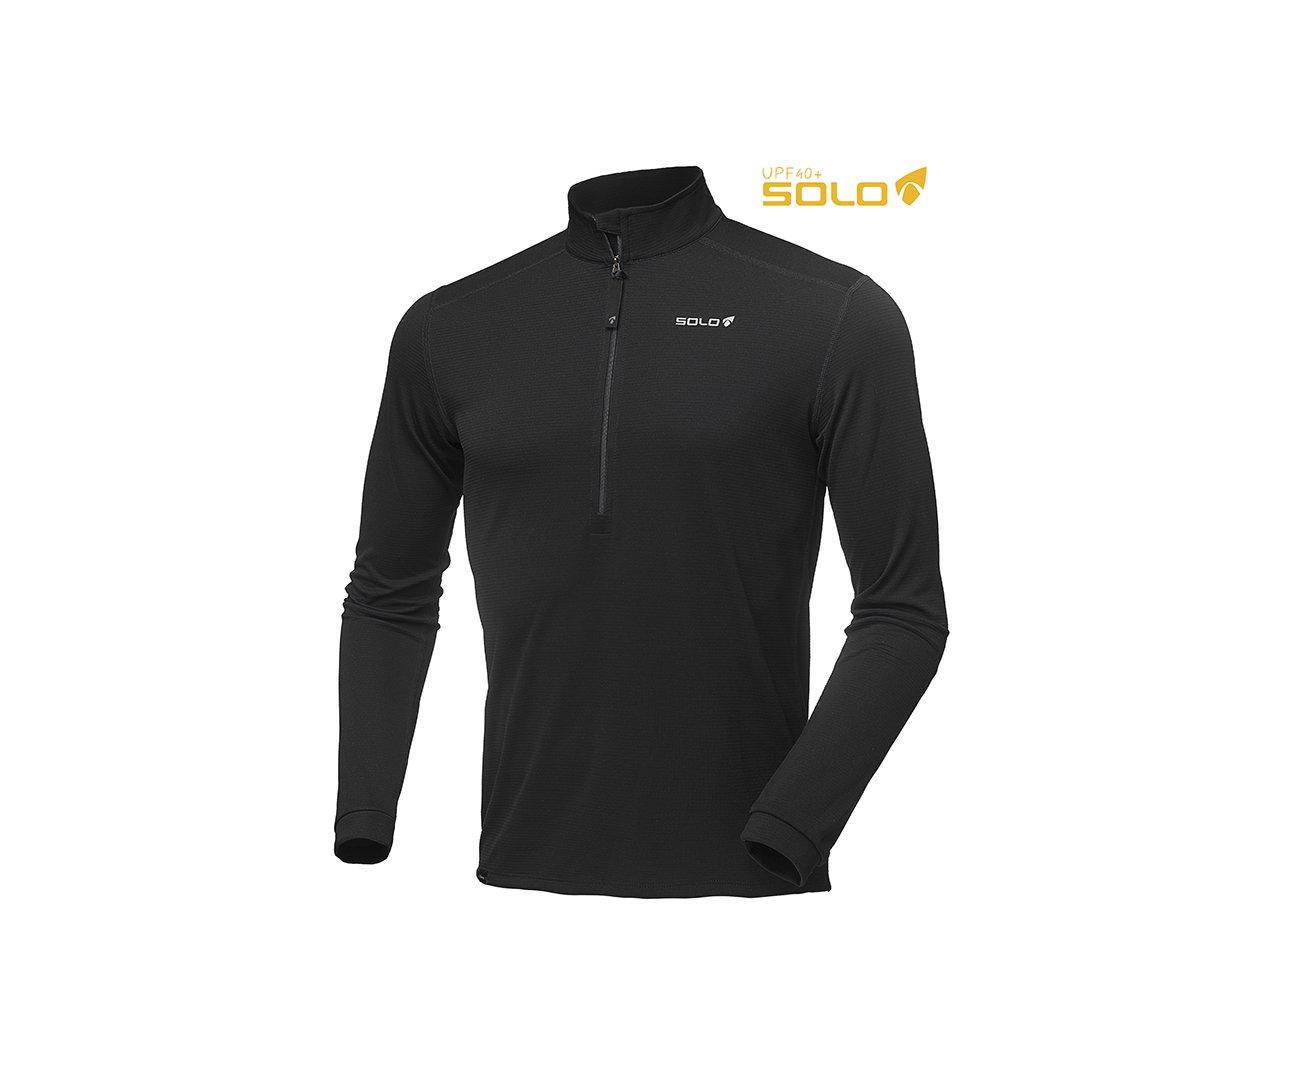 Blusa X-sensor Zip - Preta - Solo